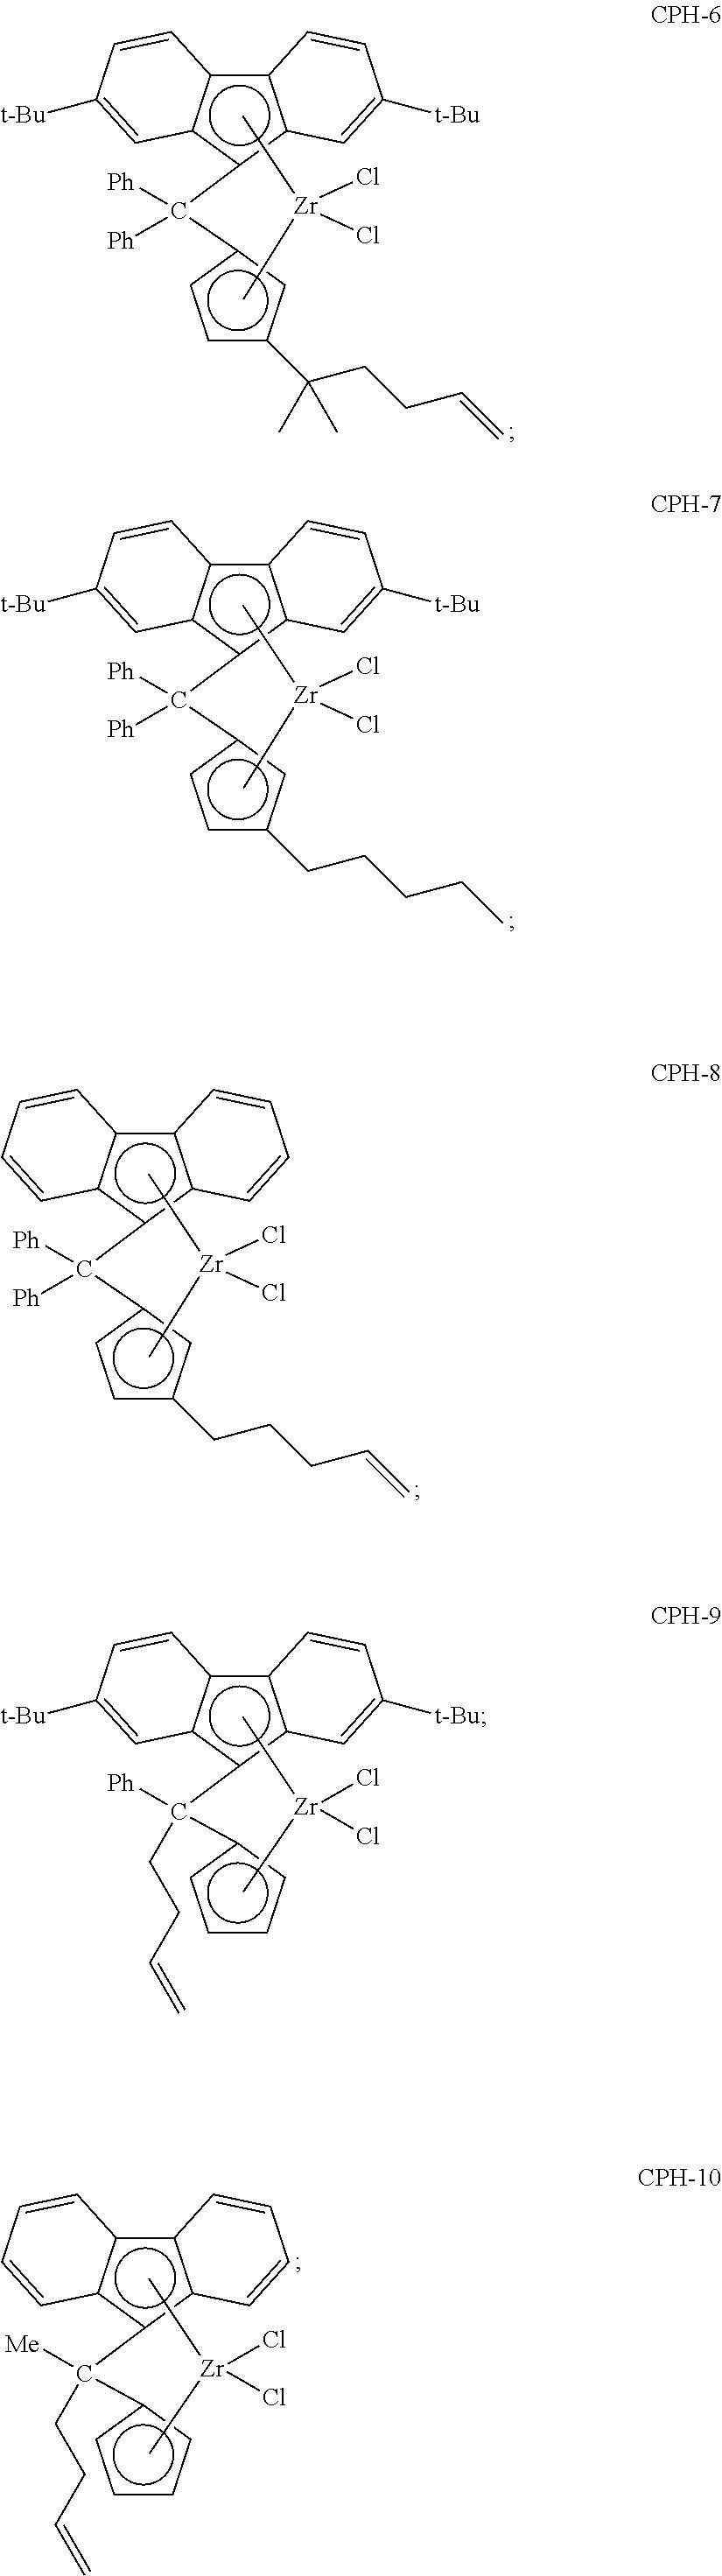 Figure US08809562-20140819-C00010